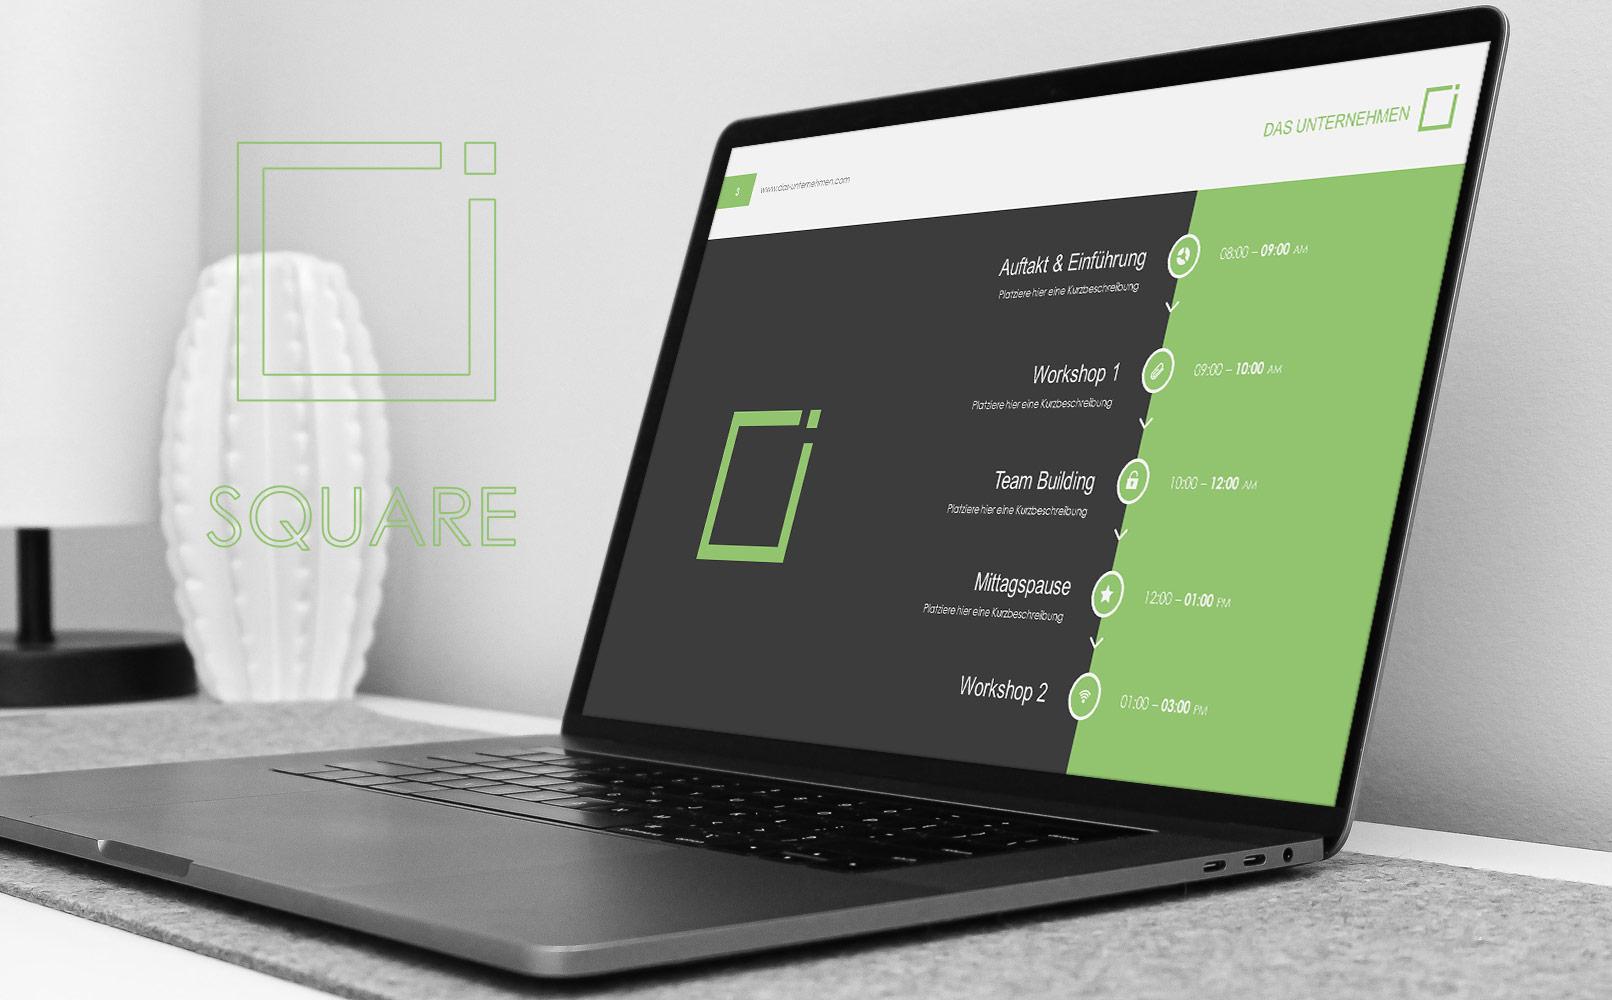 Microsoft PowerPoint-Vorlagen im Square-Design, Beispielfolie auf einem Laptop